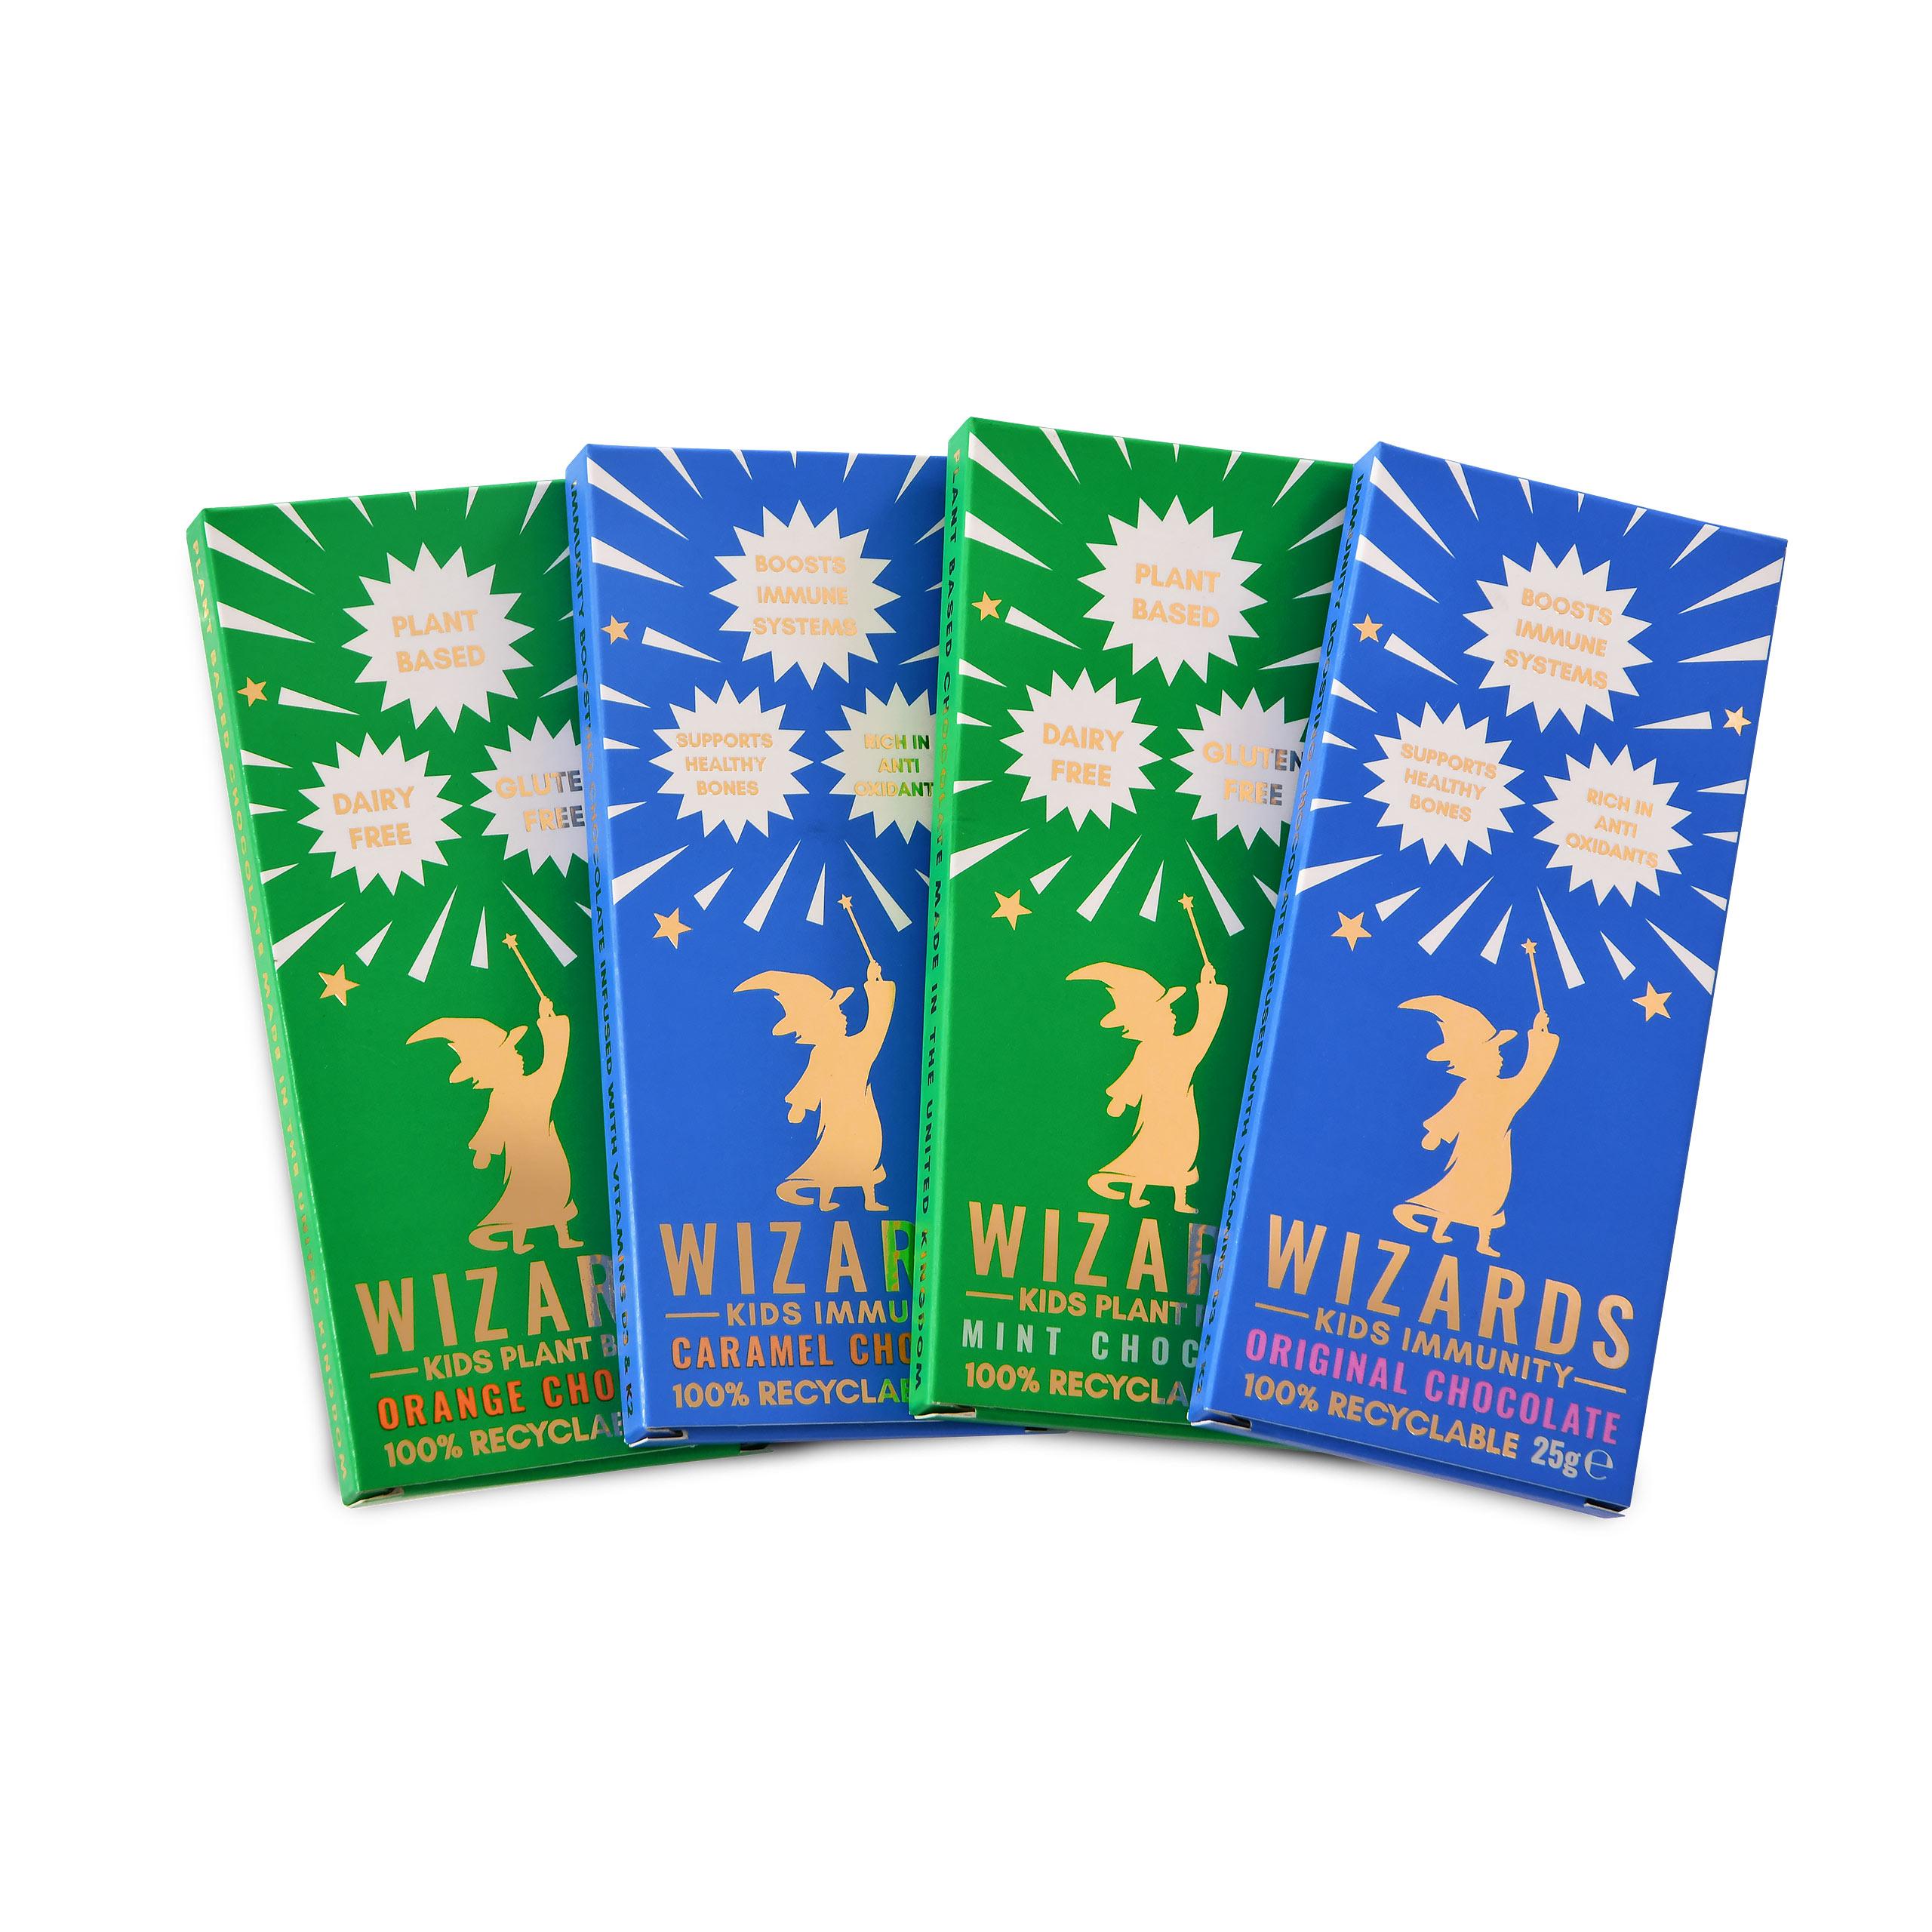 Wizards Magic - Kids Selection Schokolade 4 Tafeln